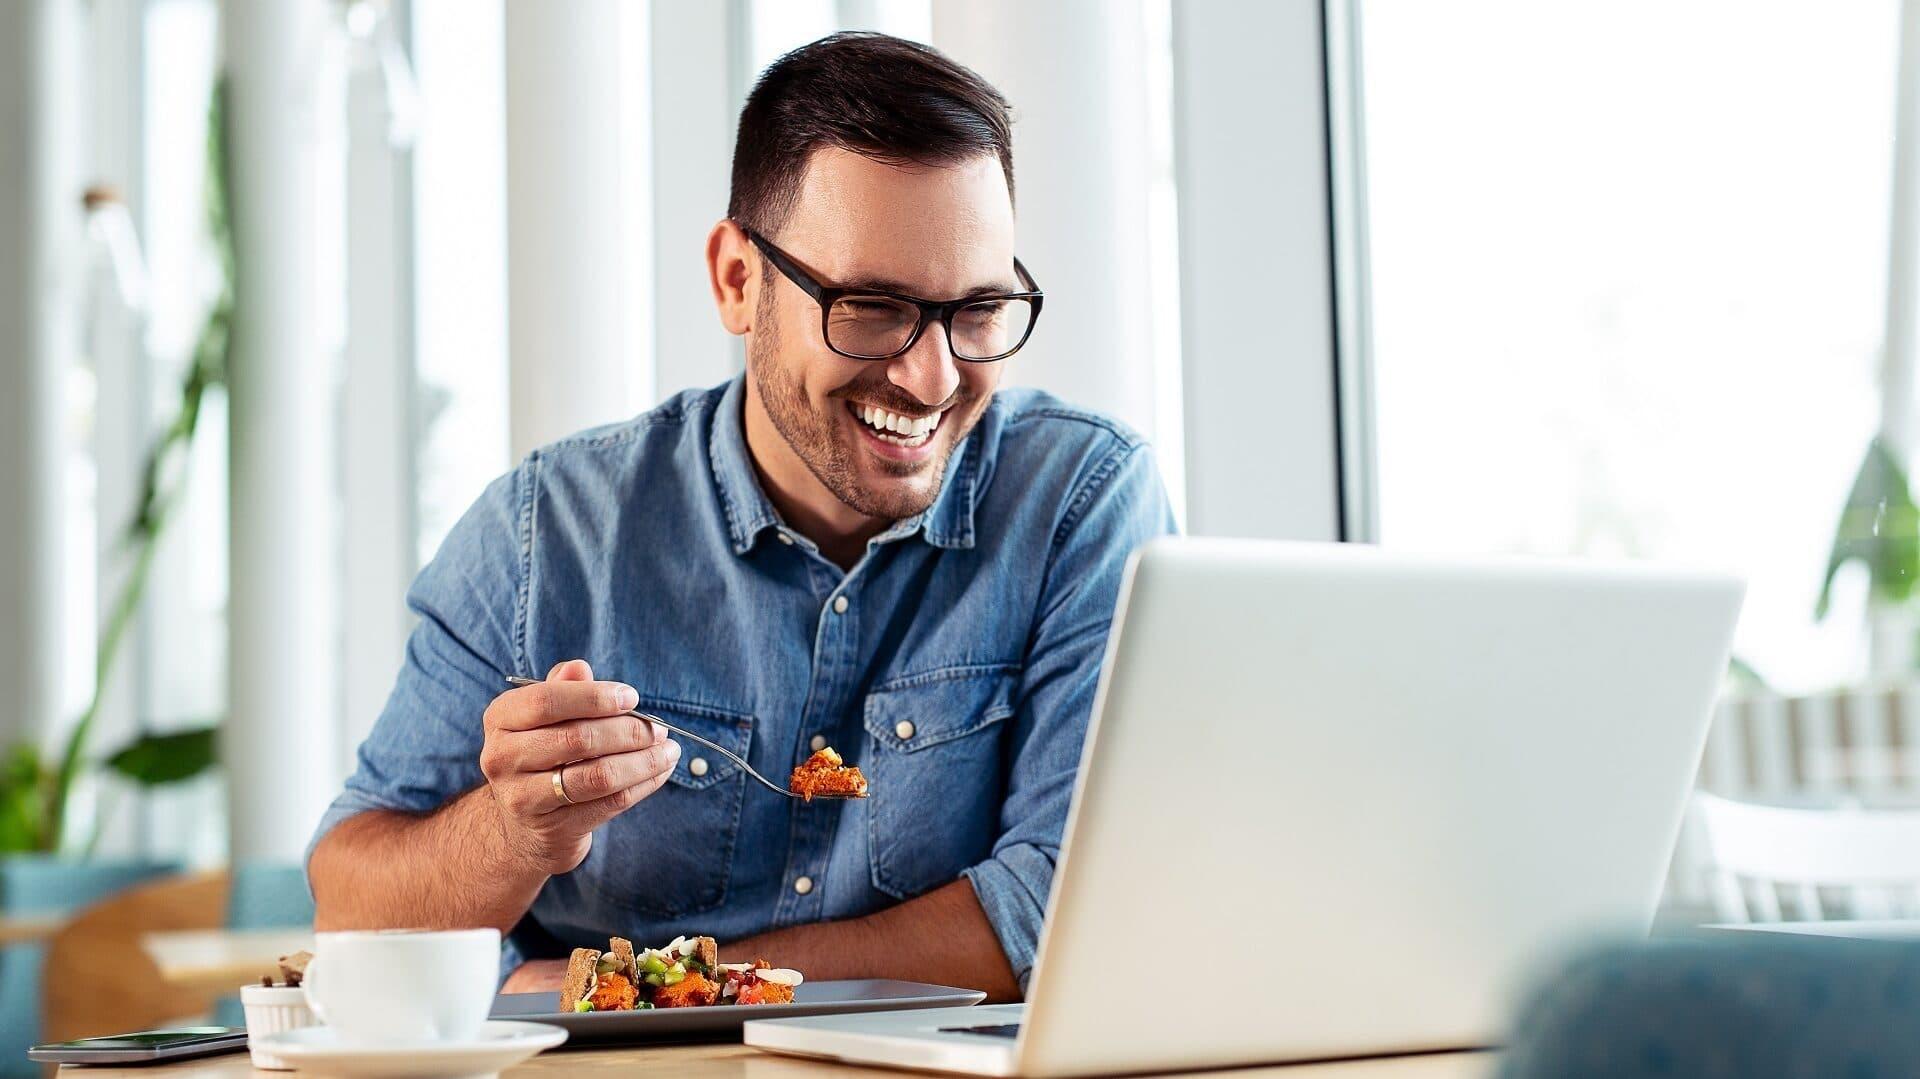 Ein Mann isst und lacht vor seinem Computer